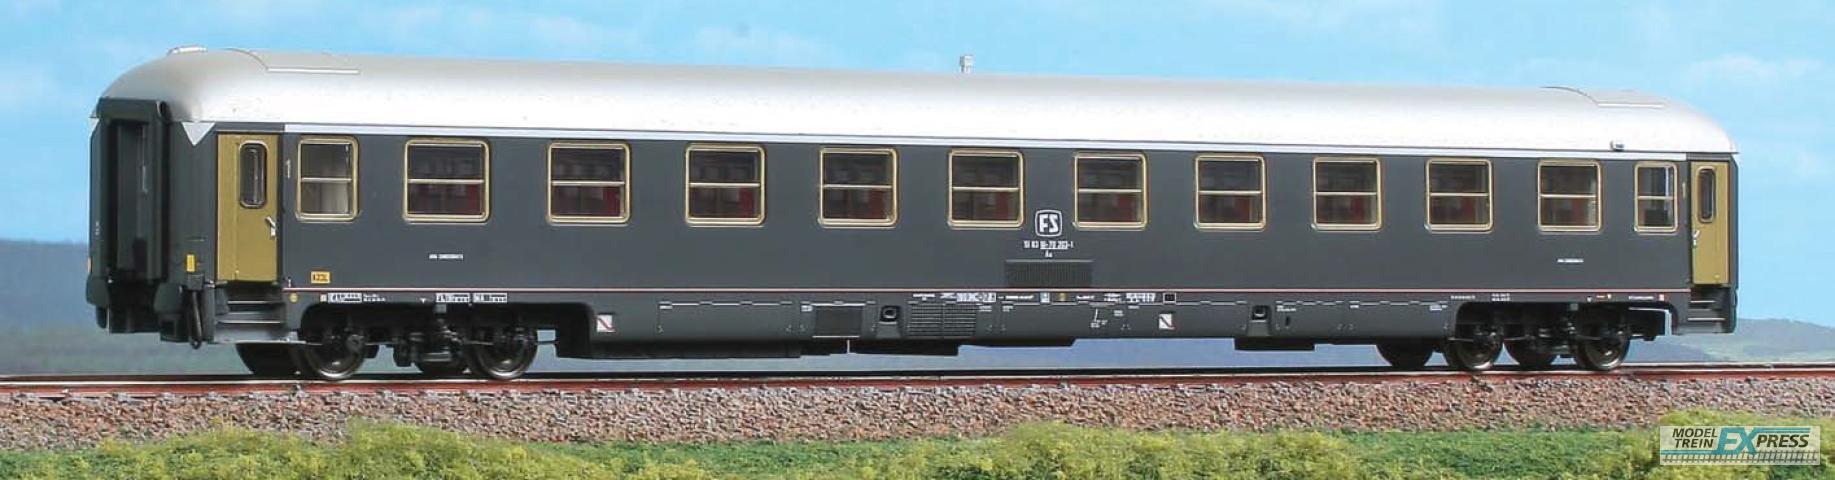 ACME 50712